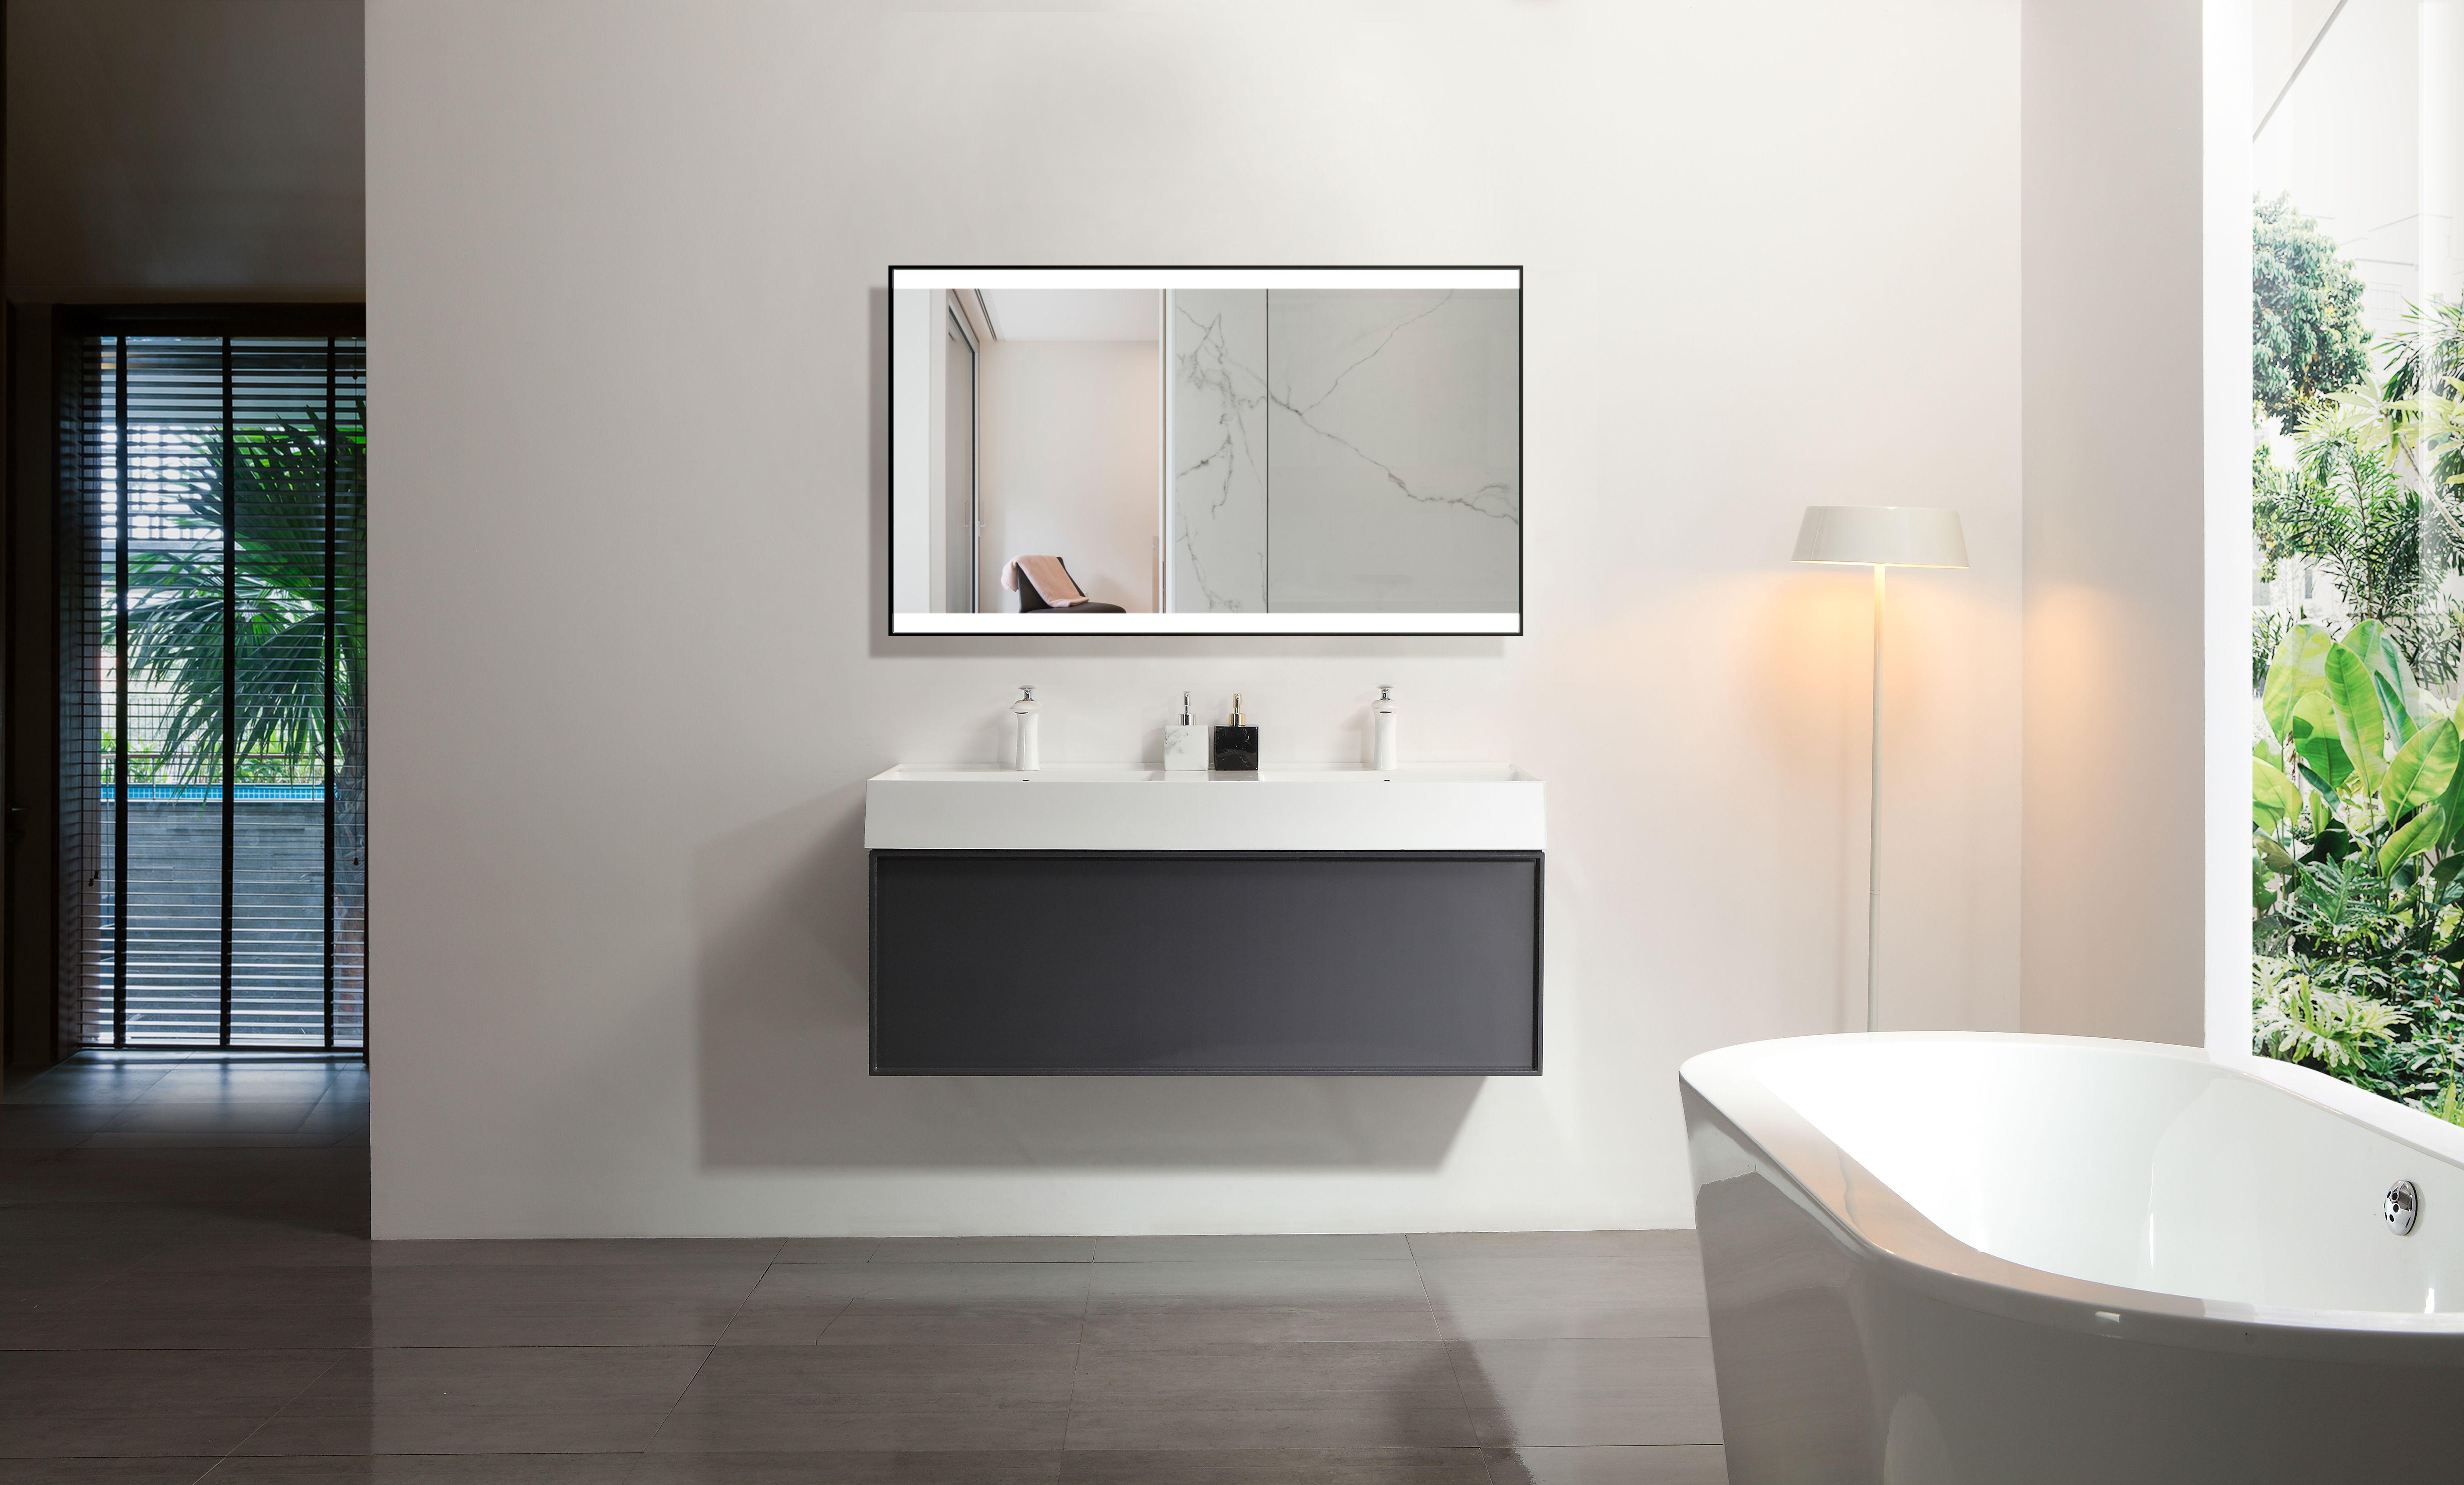 Led Badspiegel Mit Schwarzen Rahmen Badspiegel Led Spiegel Und Spiegel